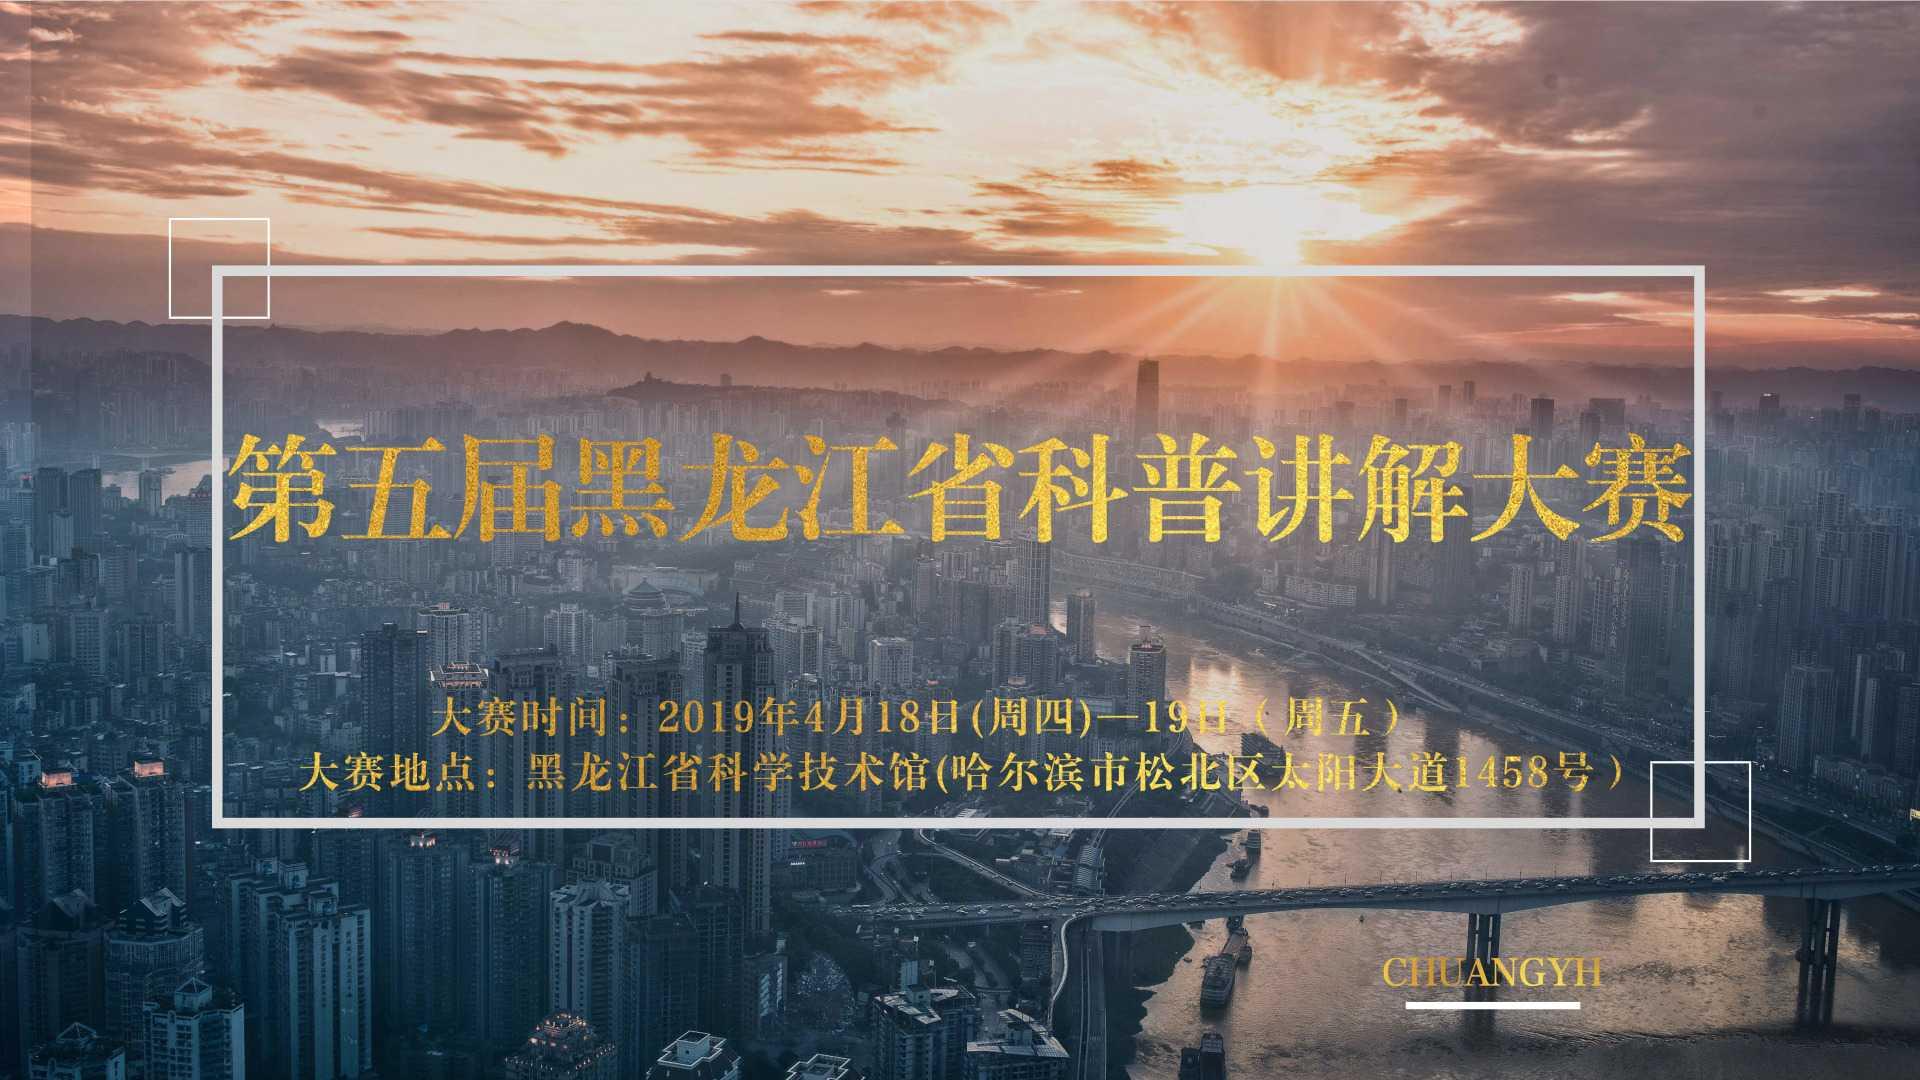 【视频回顾】关于举办第五届黑龙江省科普讲解大赛的通知